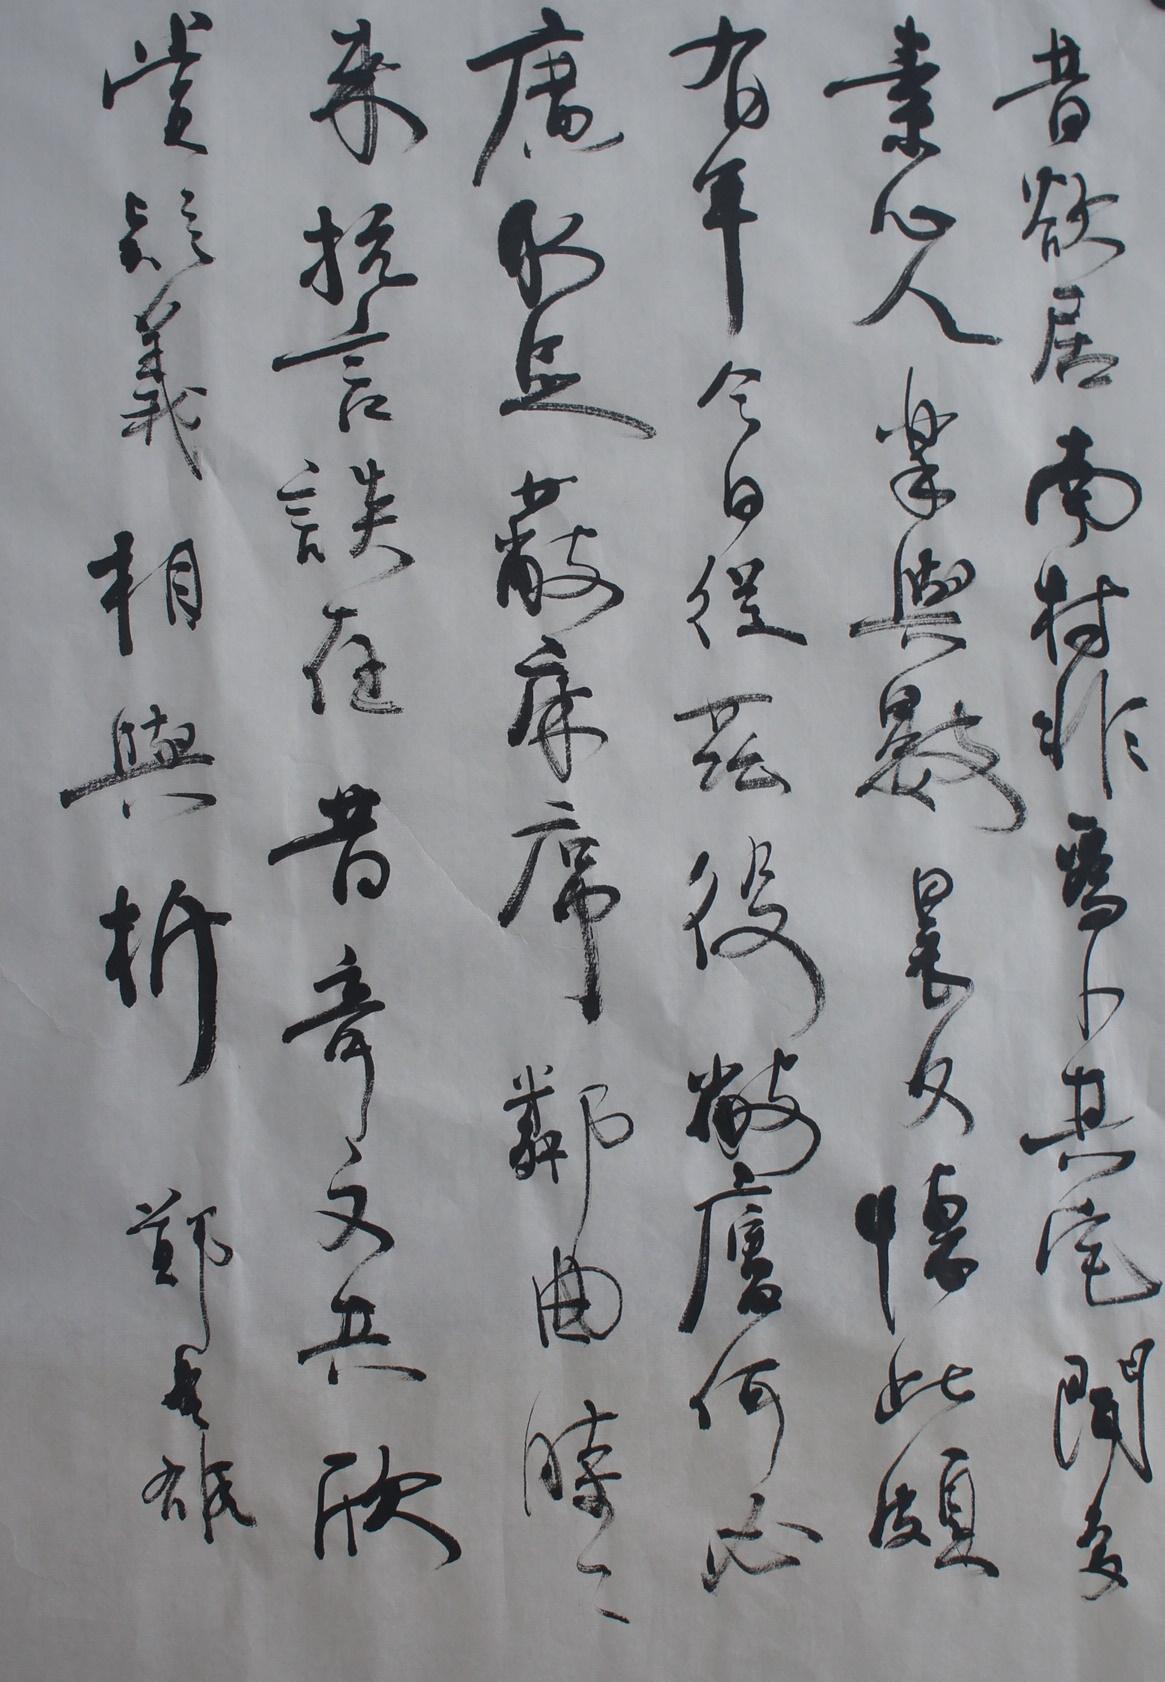 鄭楚雄 書法 陶潛《移居二首》(其一)(行草立軸 68cm x 46cm)